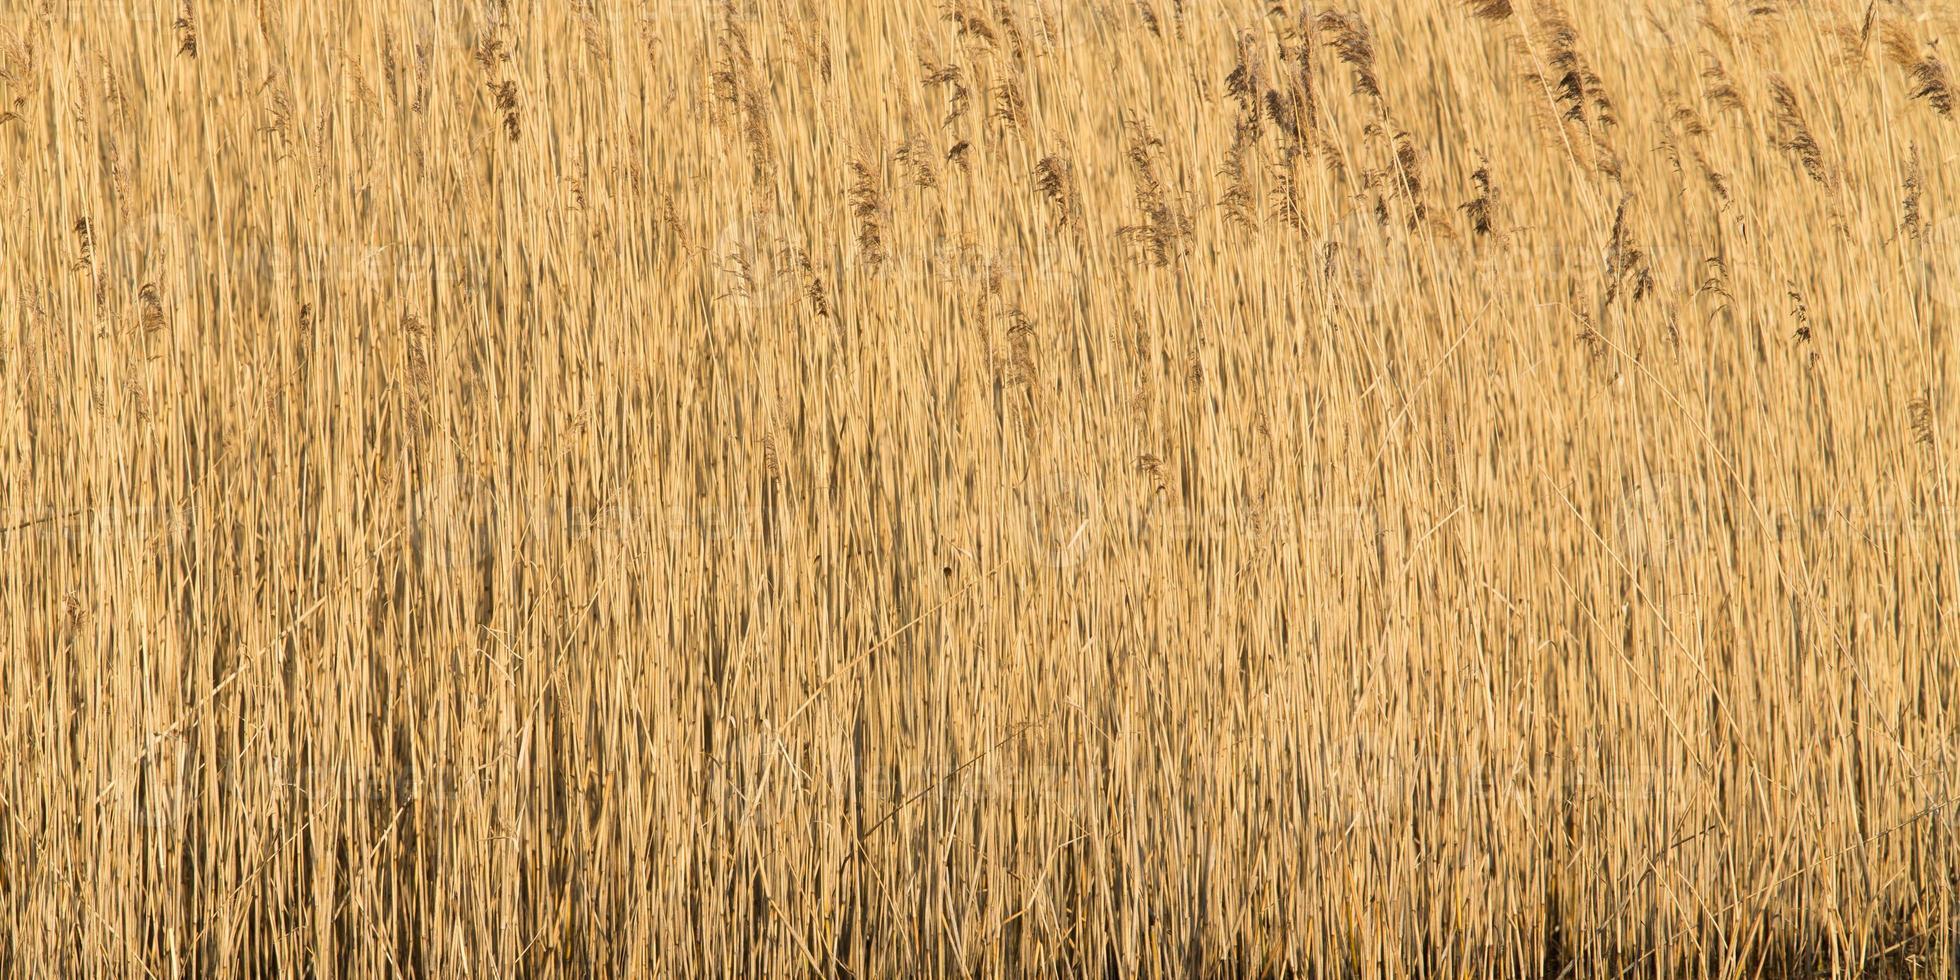 gewoon riet in een moerasgebied van Newport, Wales. foto